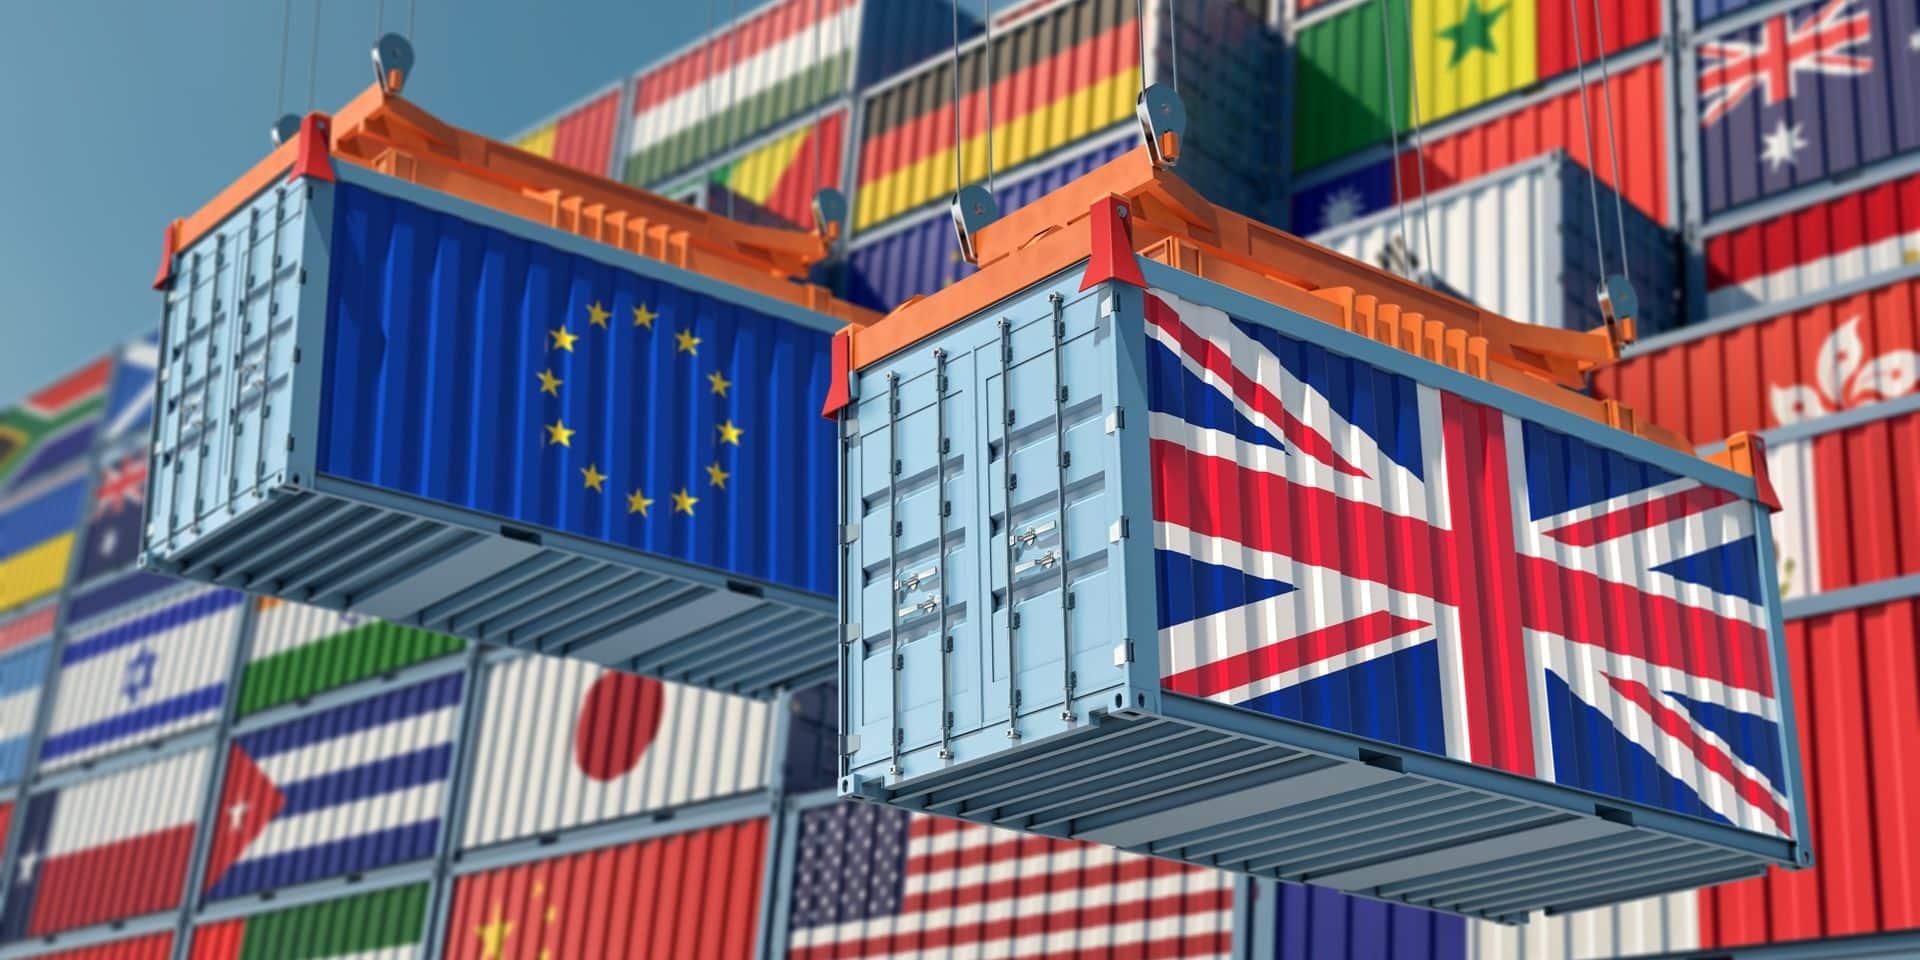 Le commerce entre le Royaume-Uni et l'UE s'effondre en janvier, mais le Brexit n'est pas la seule explication